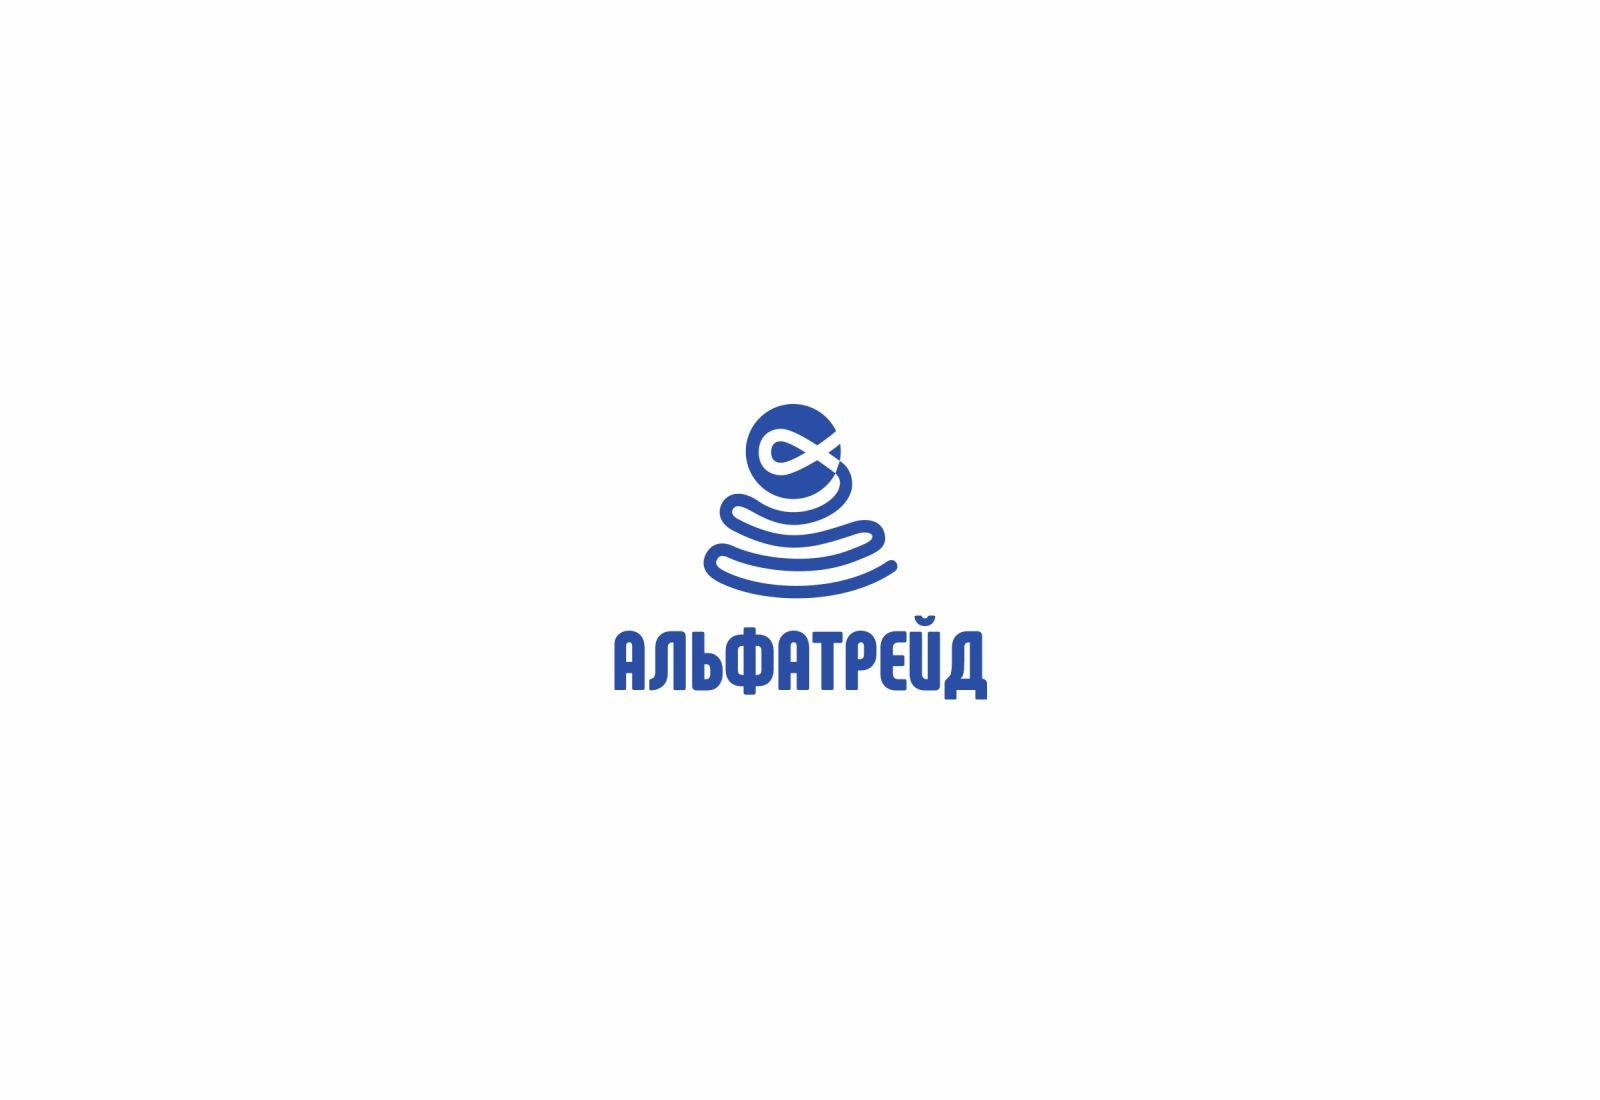 Логотип для АльфаТрейд - дизайнер sasha-plus